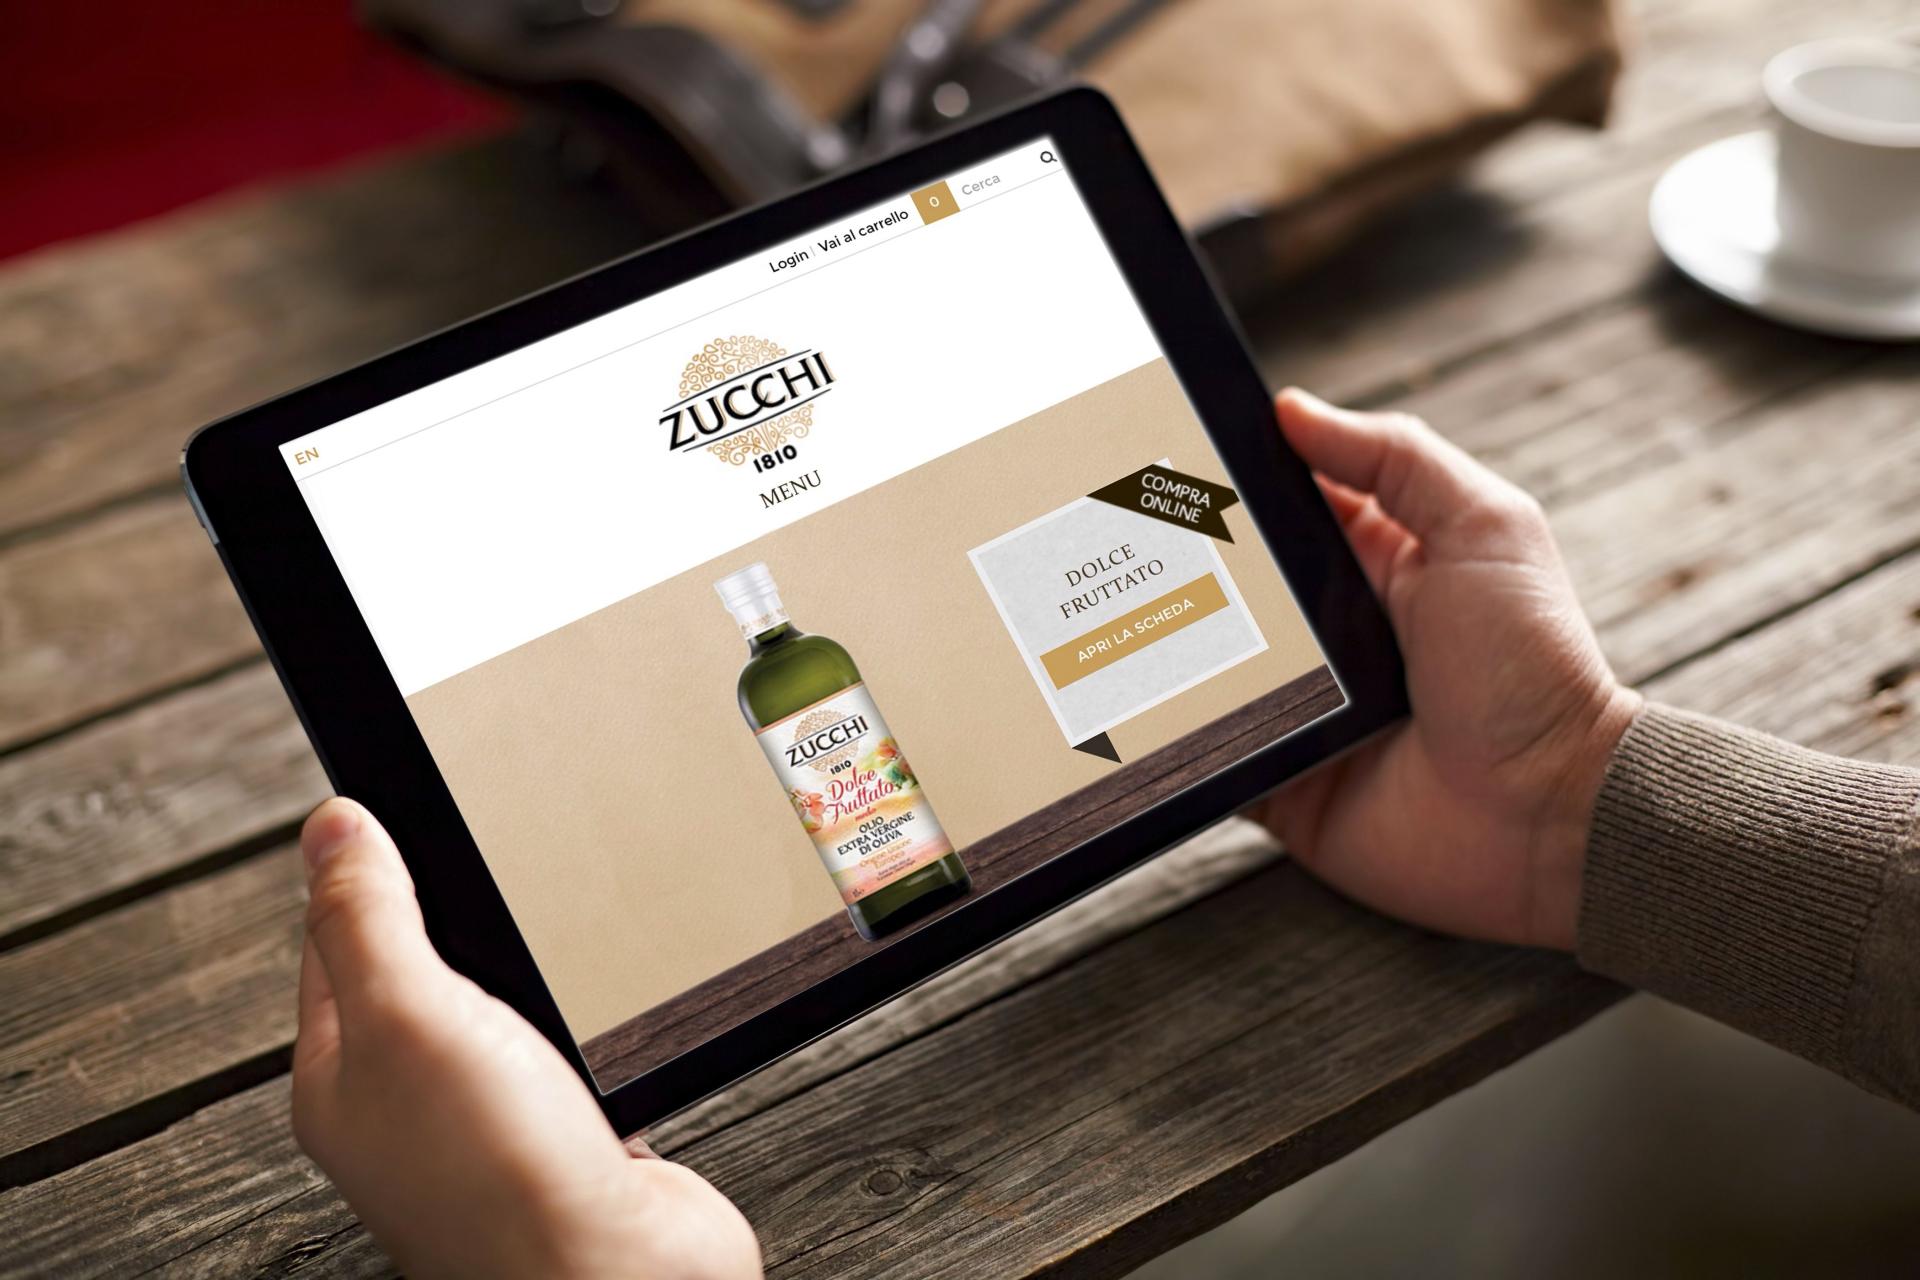 L'olio Zucchi apre un negozio on line